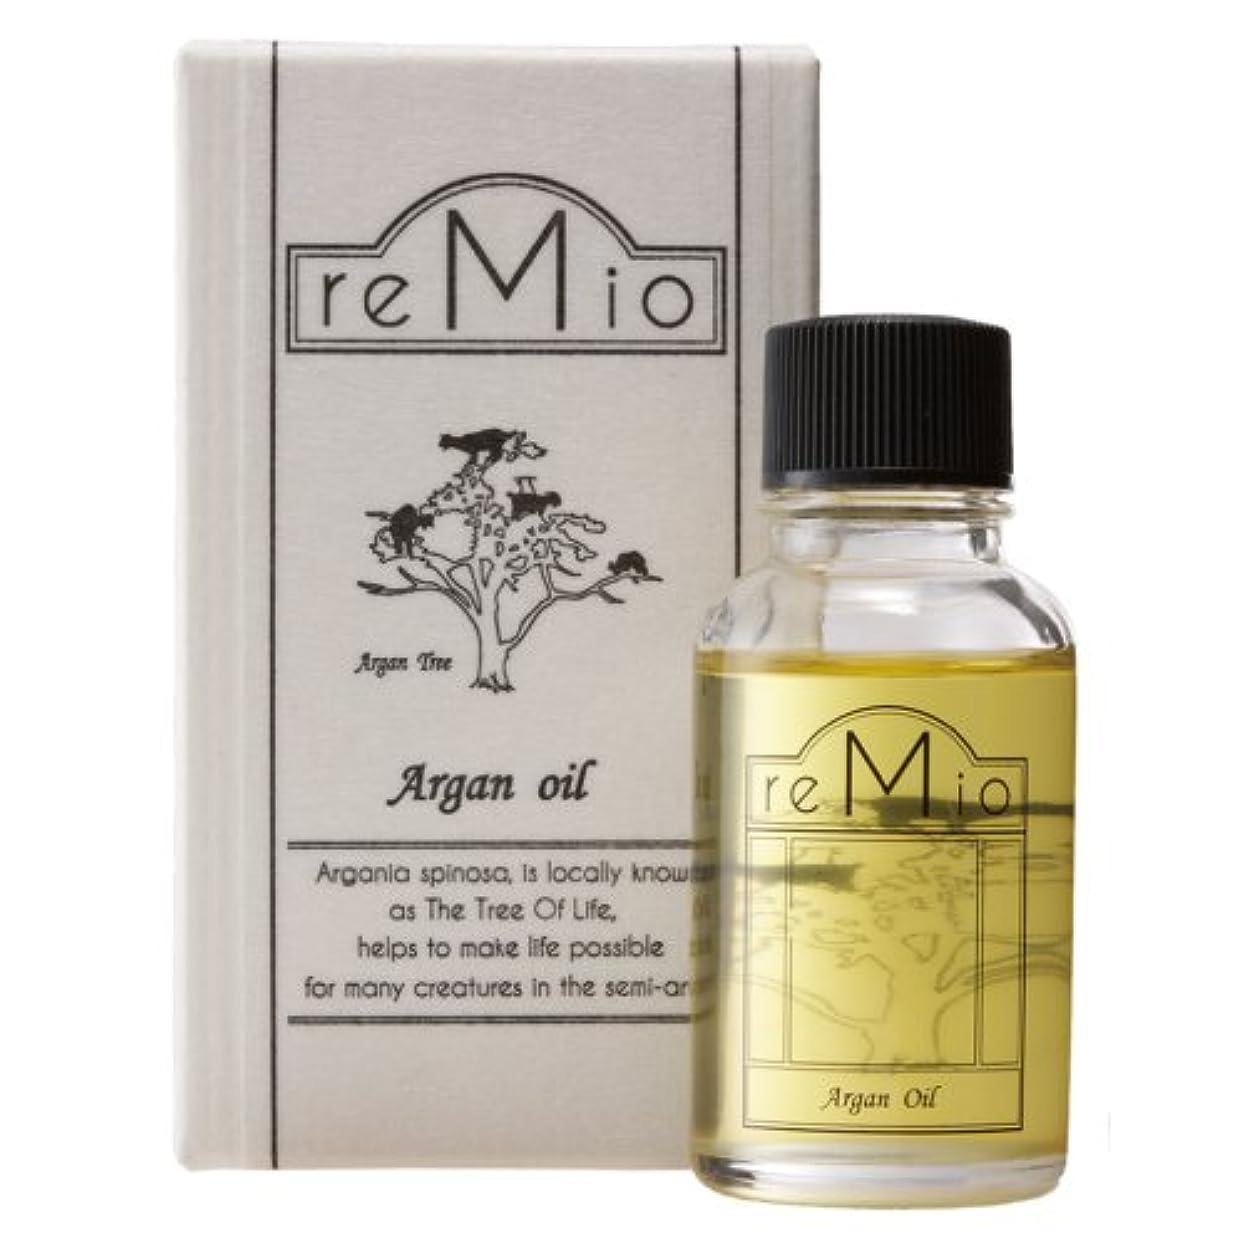 ふつう所得豚肉レミオ(REMIO) オーガニックアルガンオイル